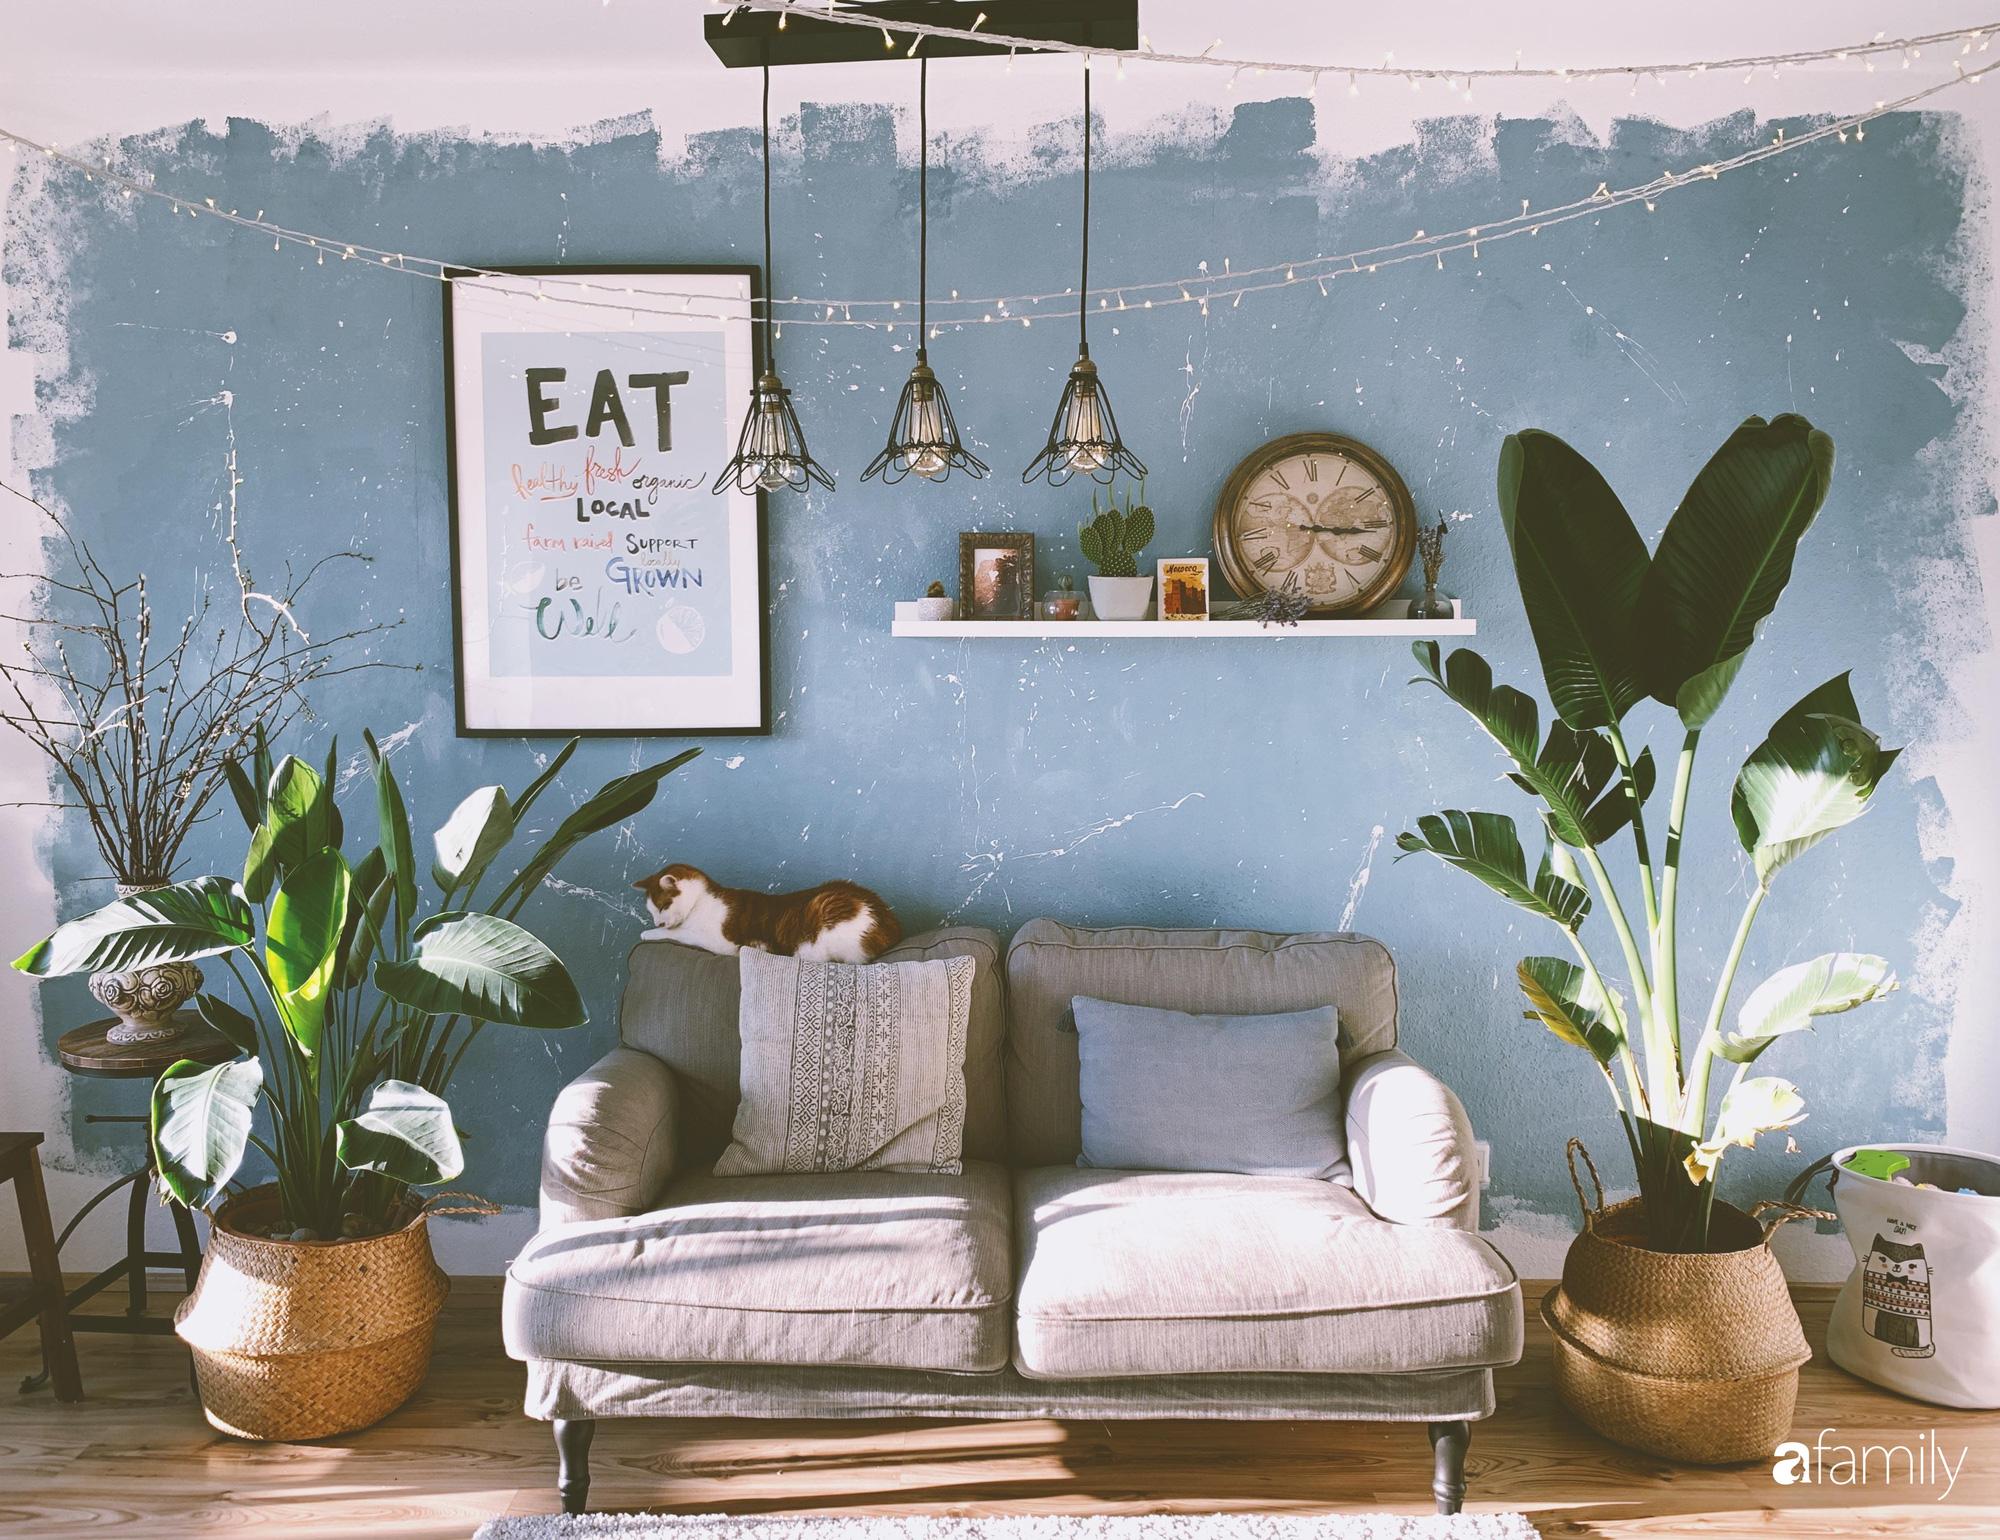 Tự tay cải tạo từng góc nhỏ, căn hộ của vợ chồng trẻ biến thành tổ ấm màu xanh đẹp như trong tạp chí - Ảnh 6.